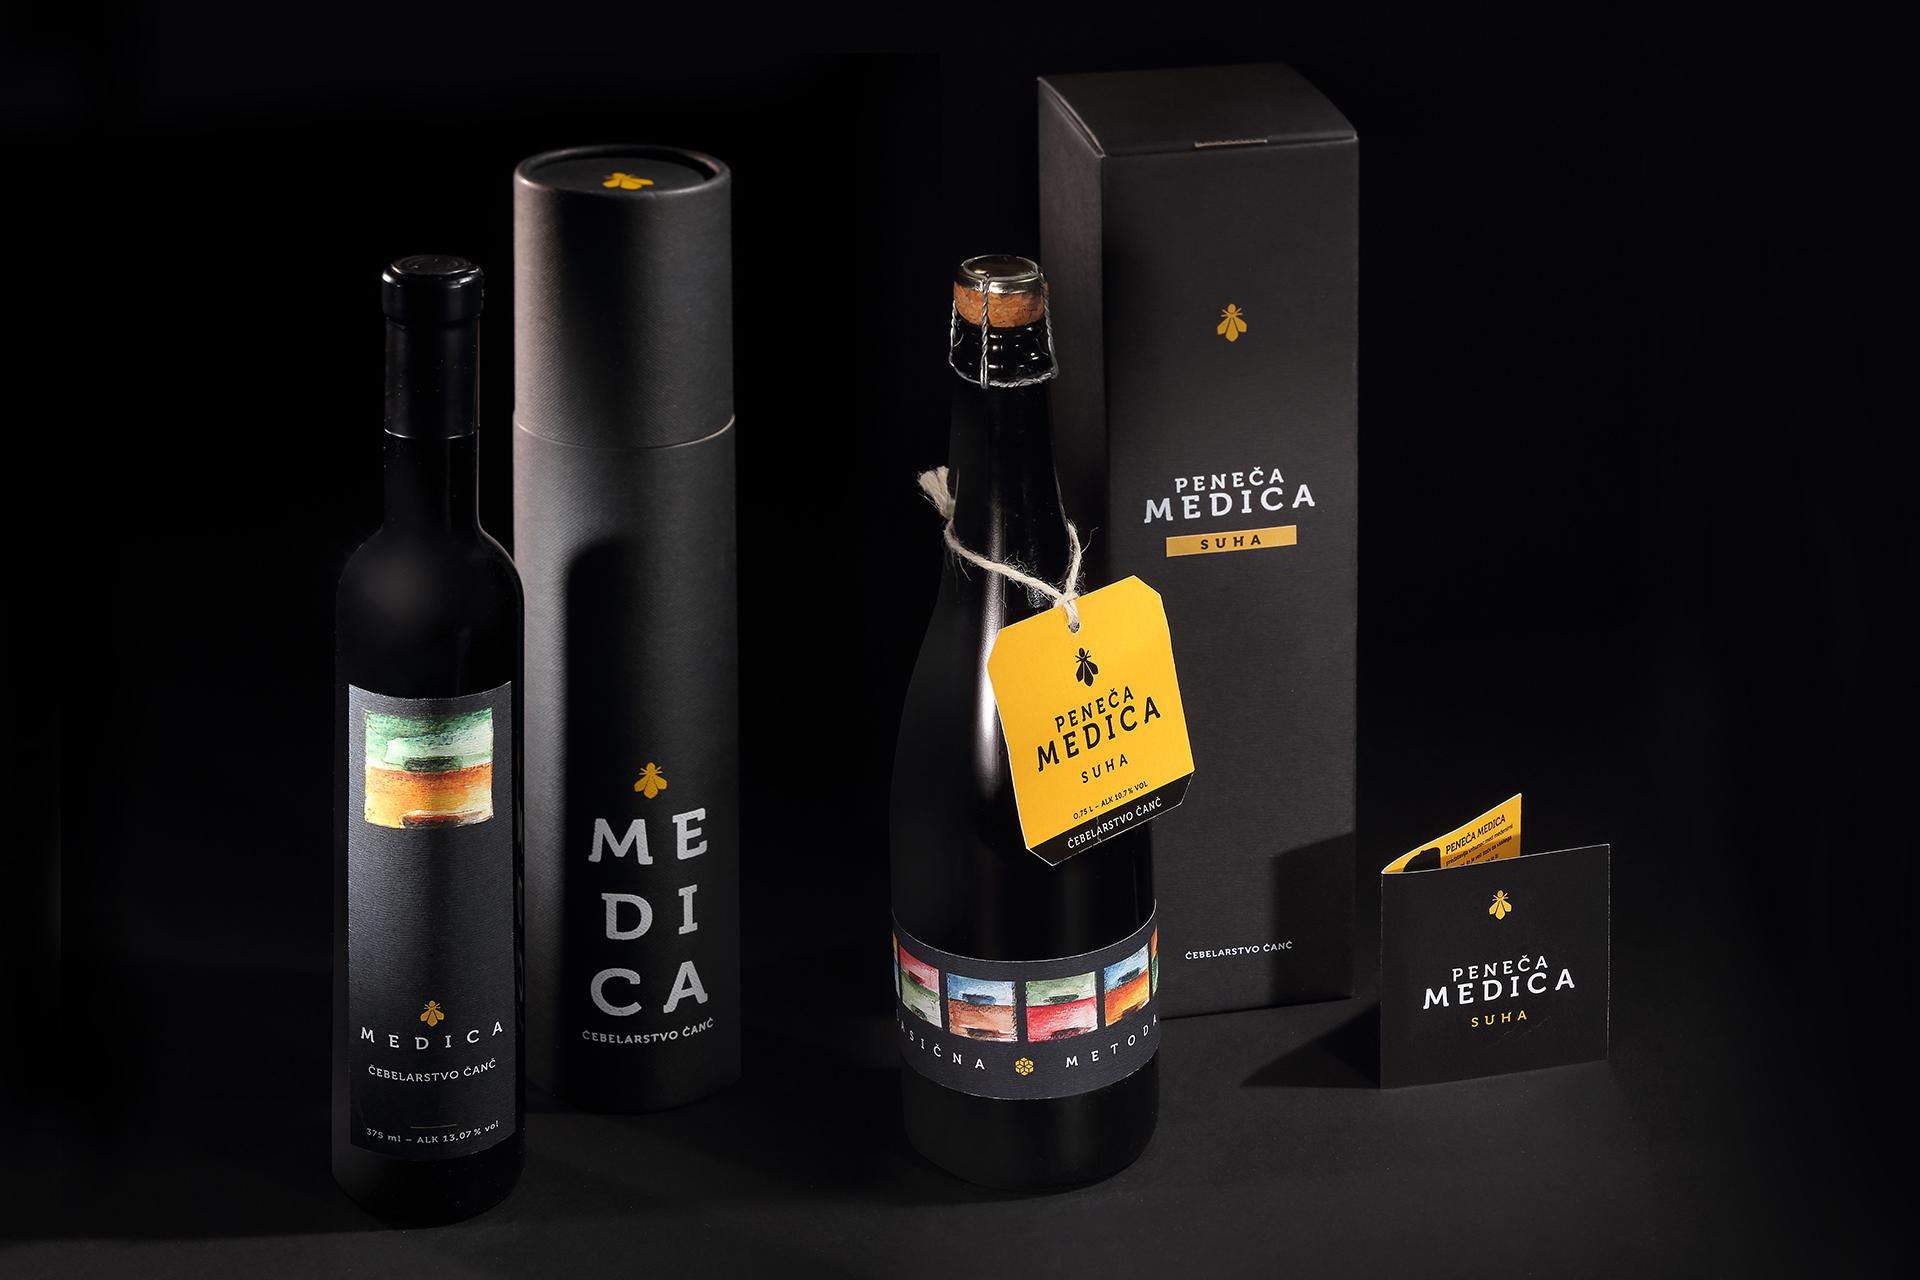 medica_peneca_marinsek_ma-ma